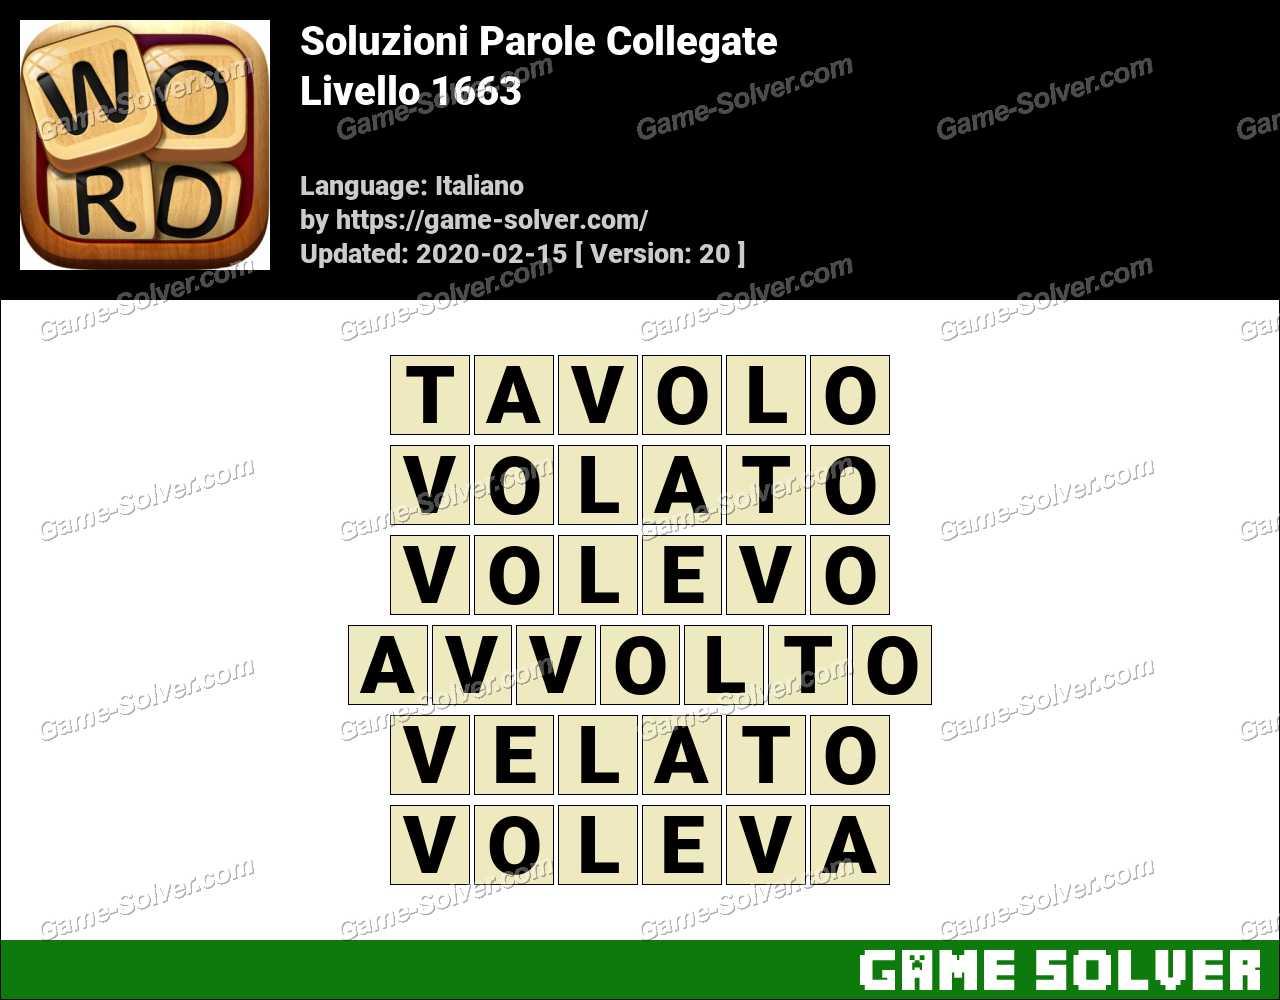 Soluzioni Parole Collegate Livello 1663